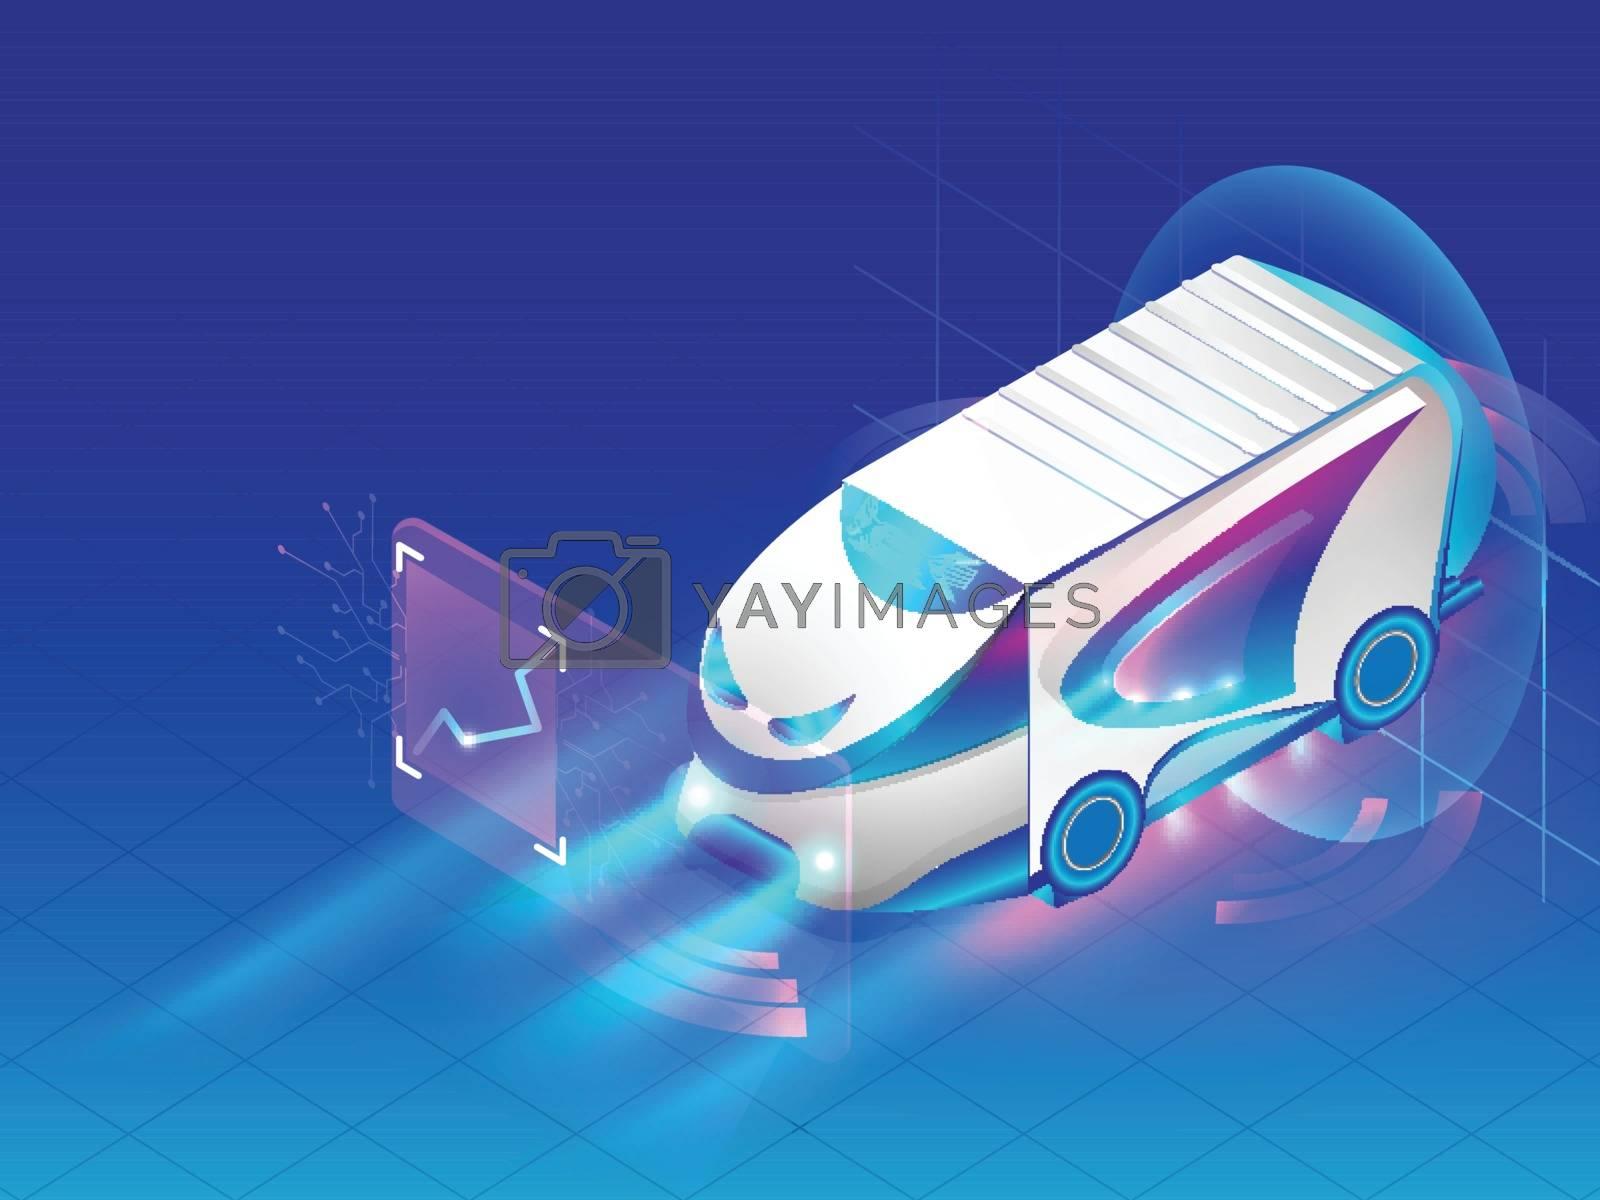 Royalty free image of Isometric Autonomous bus isolated on shiny blue background, Futu by aispl